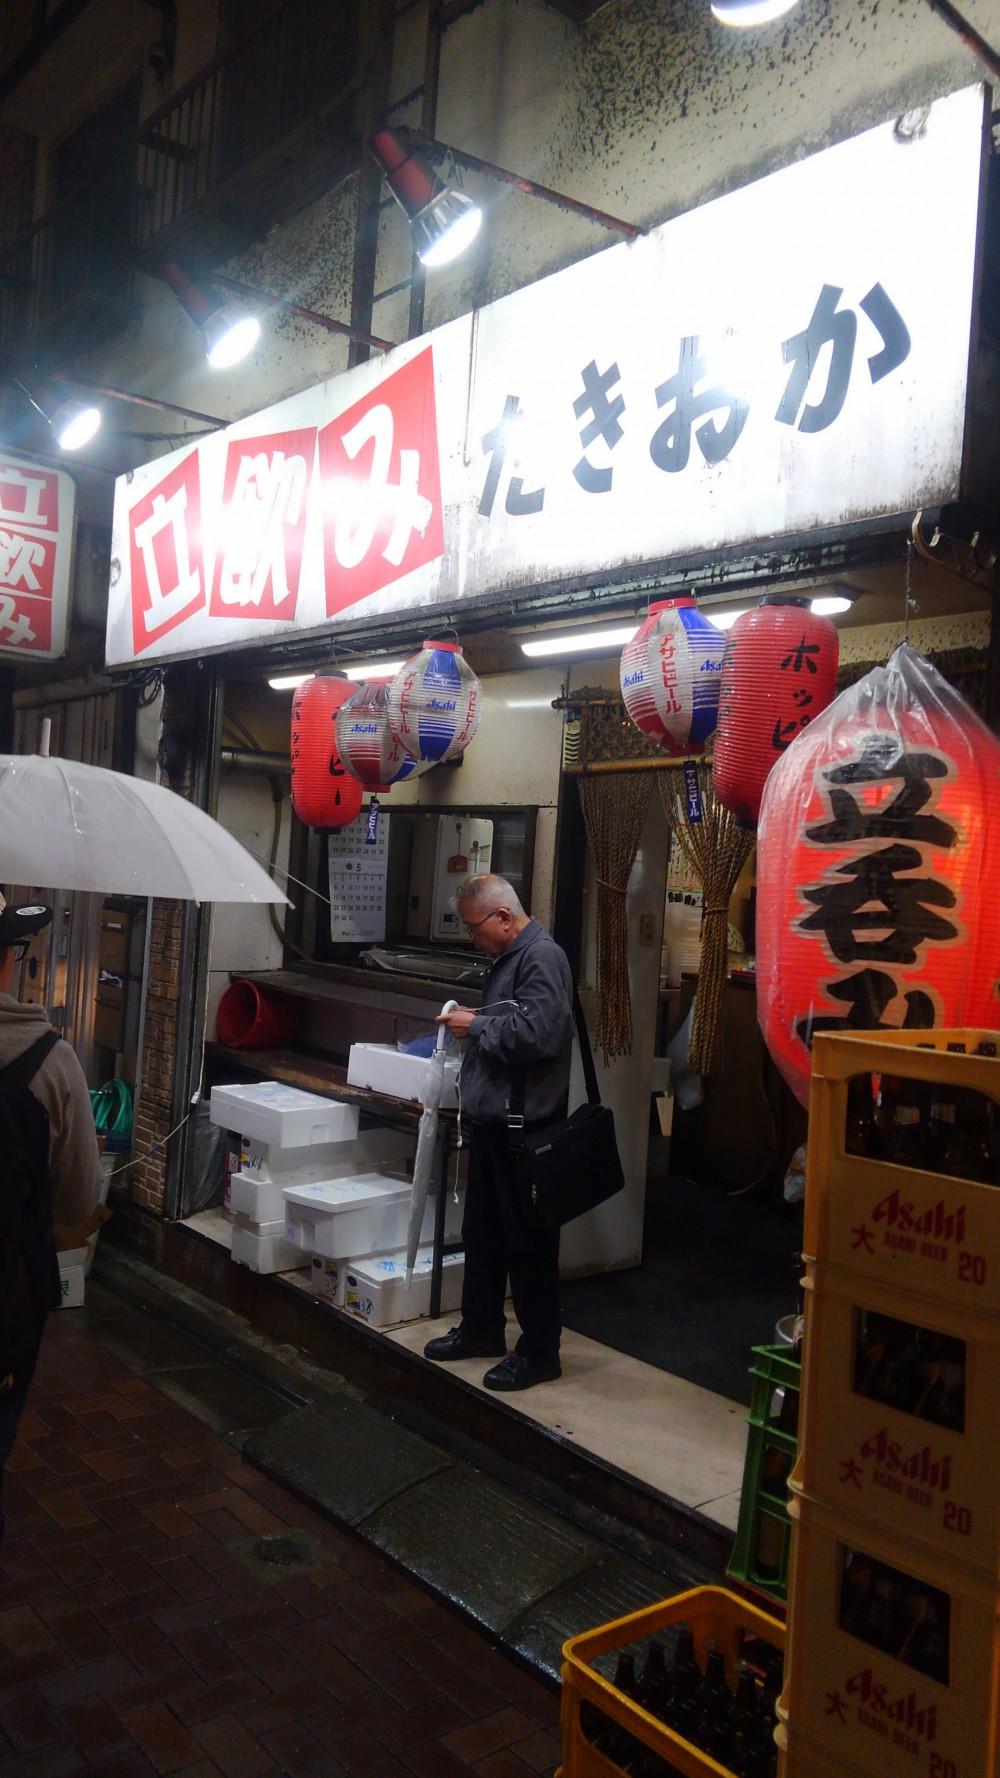 たきおか(上野) 上野の有名店!美味そうなツマミを持ってきます(笑)